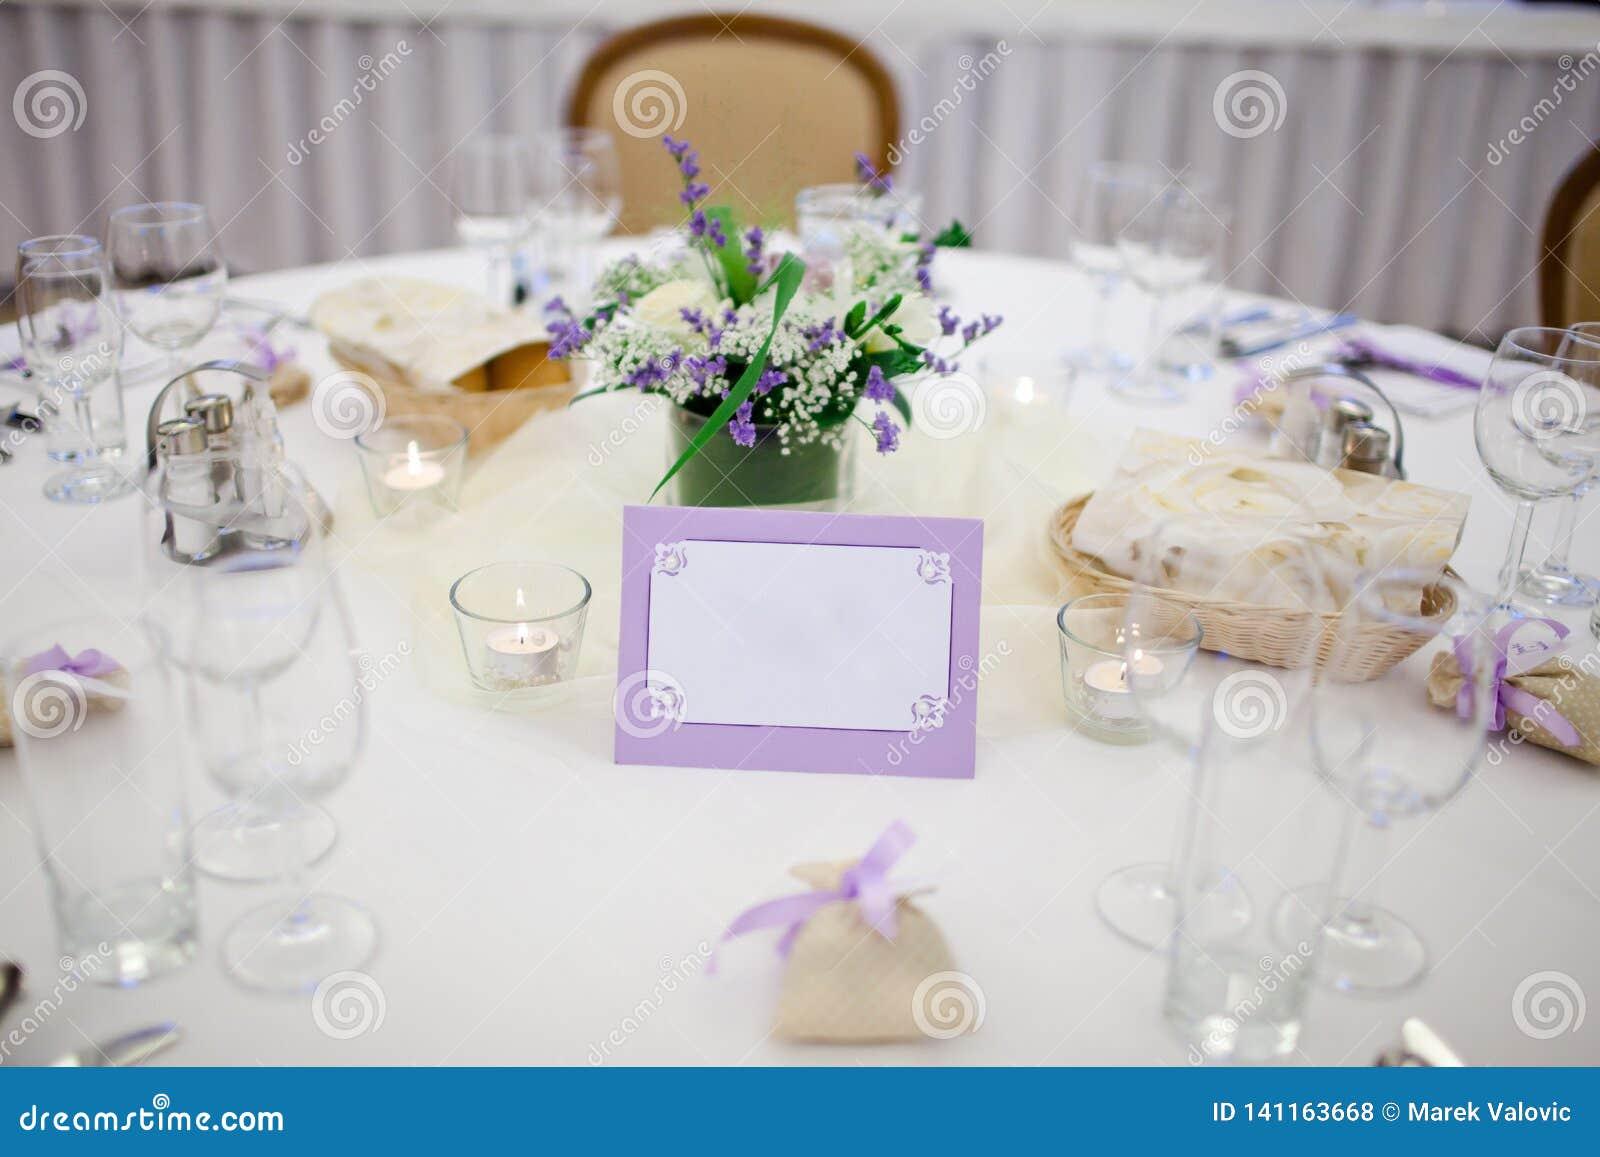 Таблица украшенная свадьбой - пустая панель - пурпурная рамка